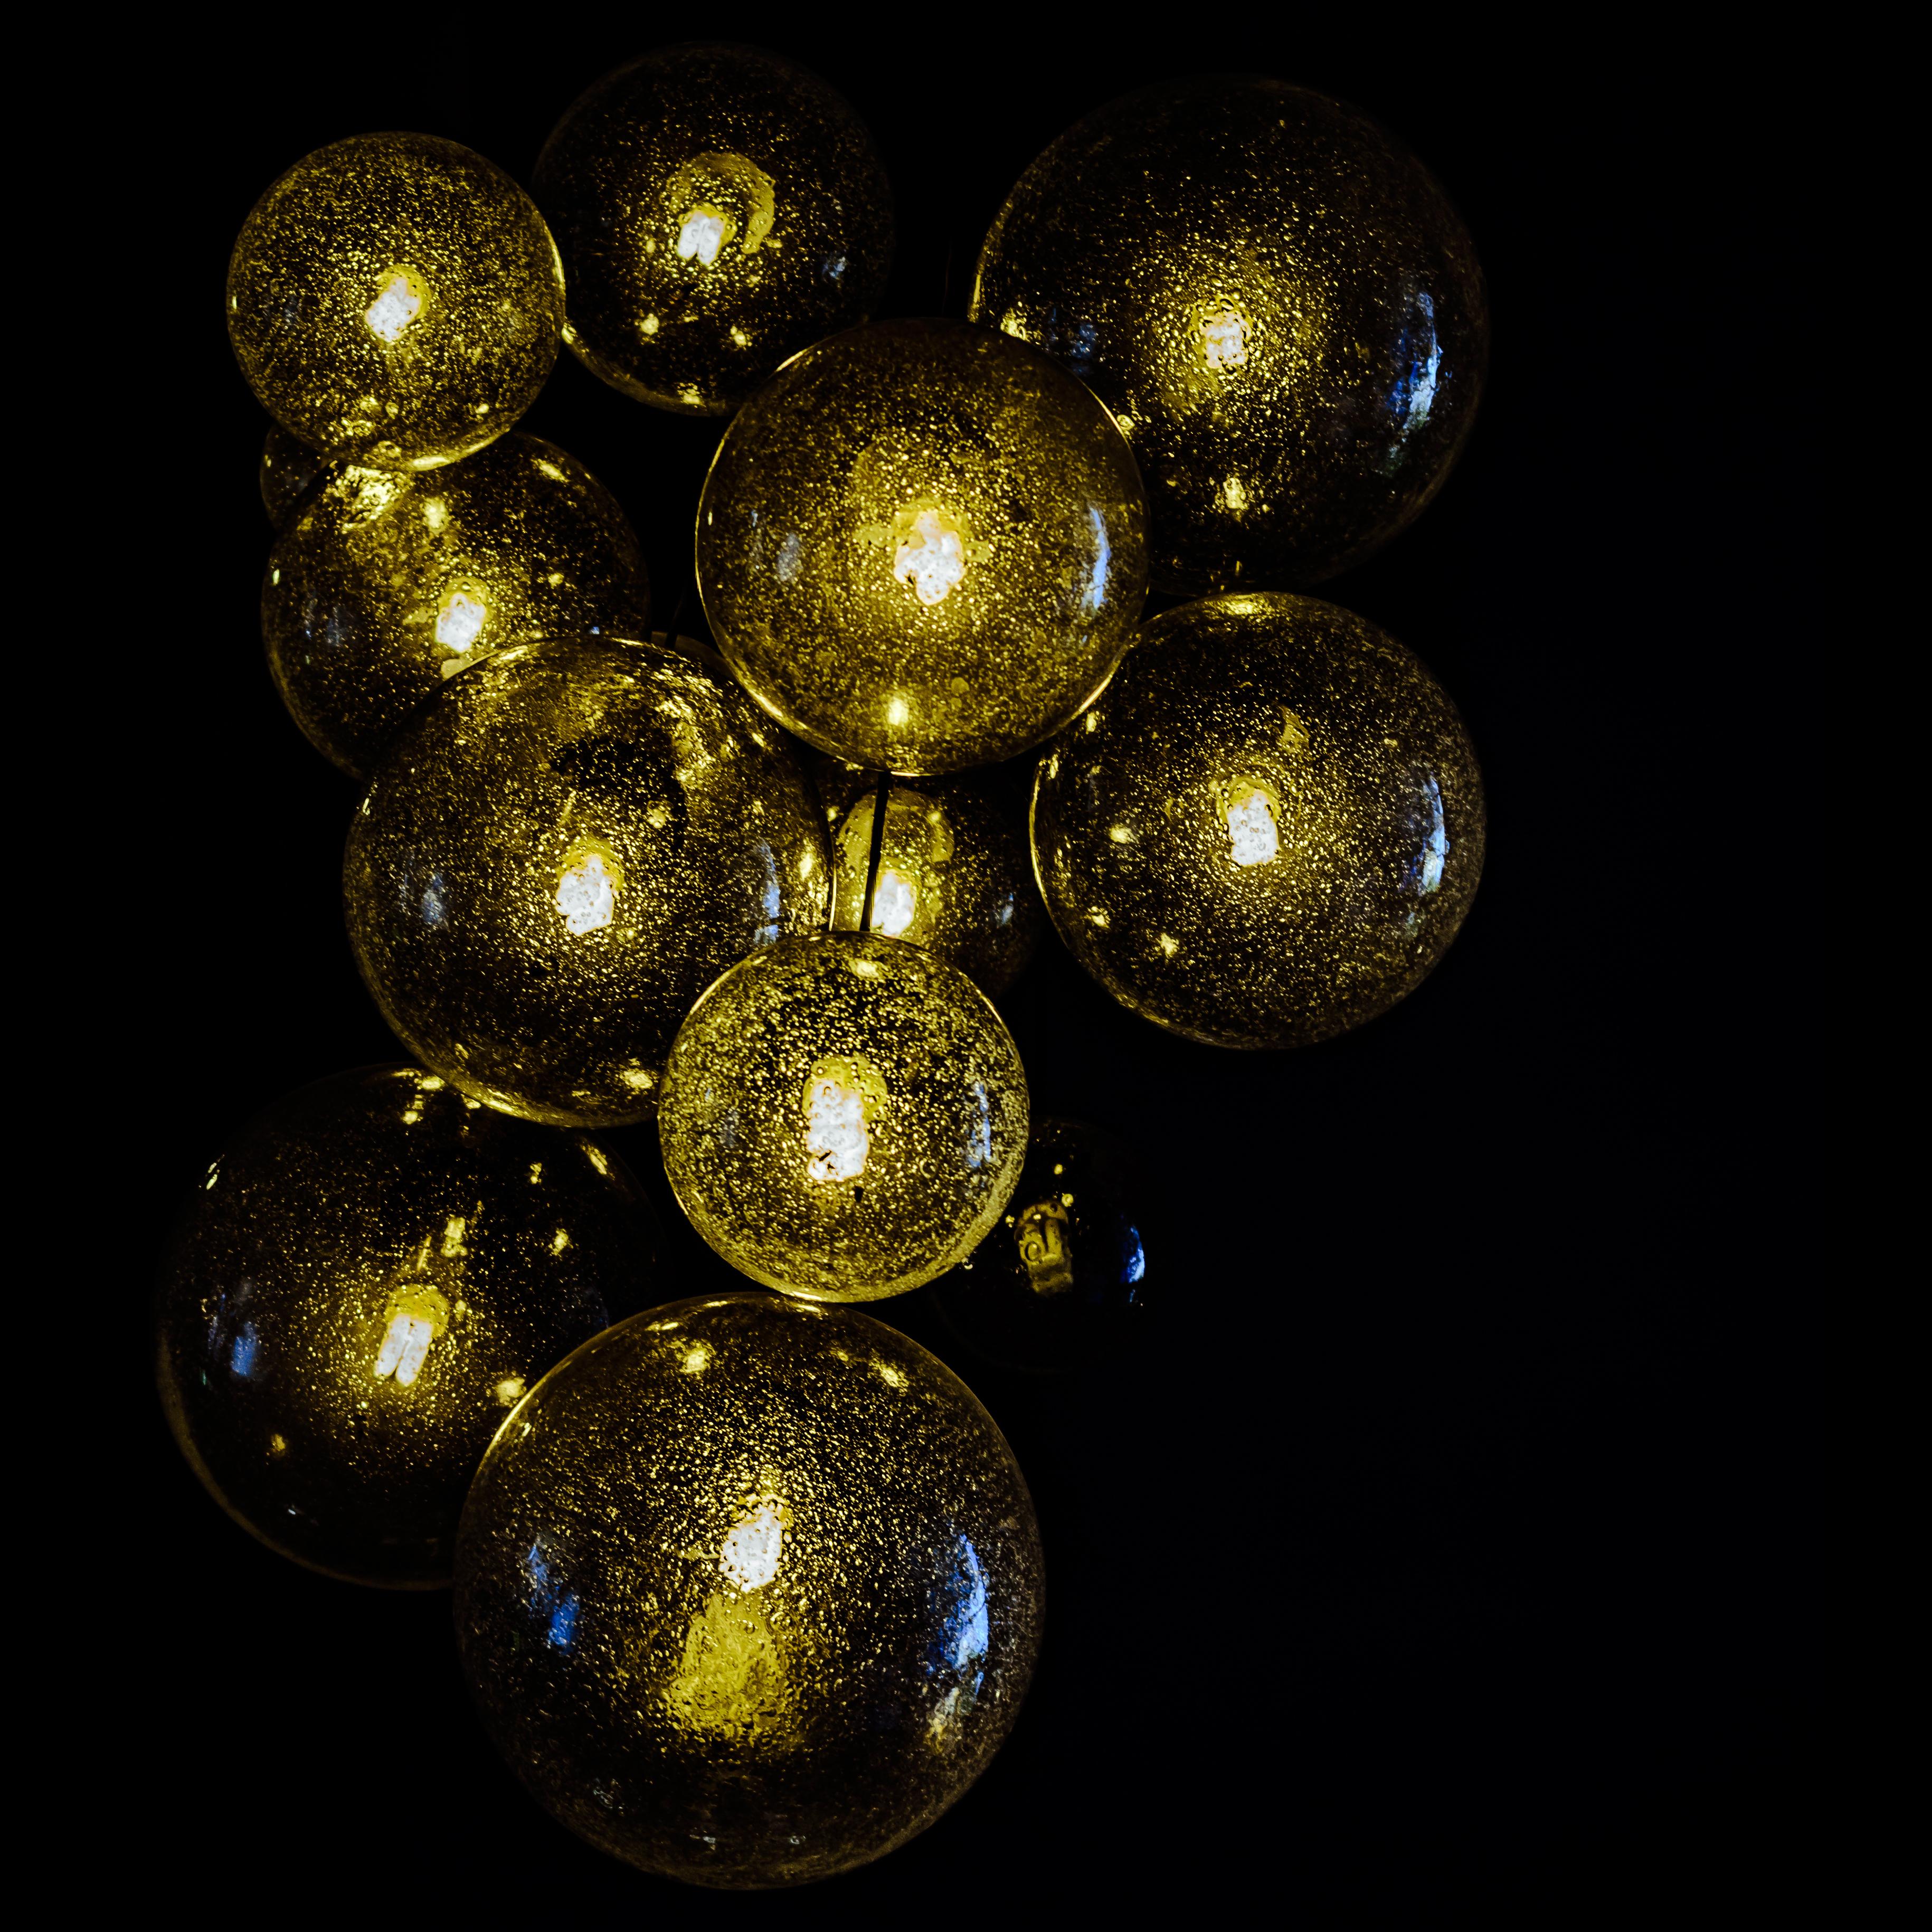 Gratis Afbeeldingen : licht, duisternis, verlichting, kerstboom ...